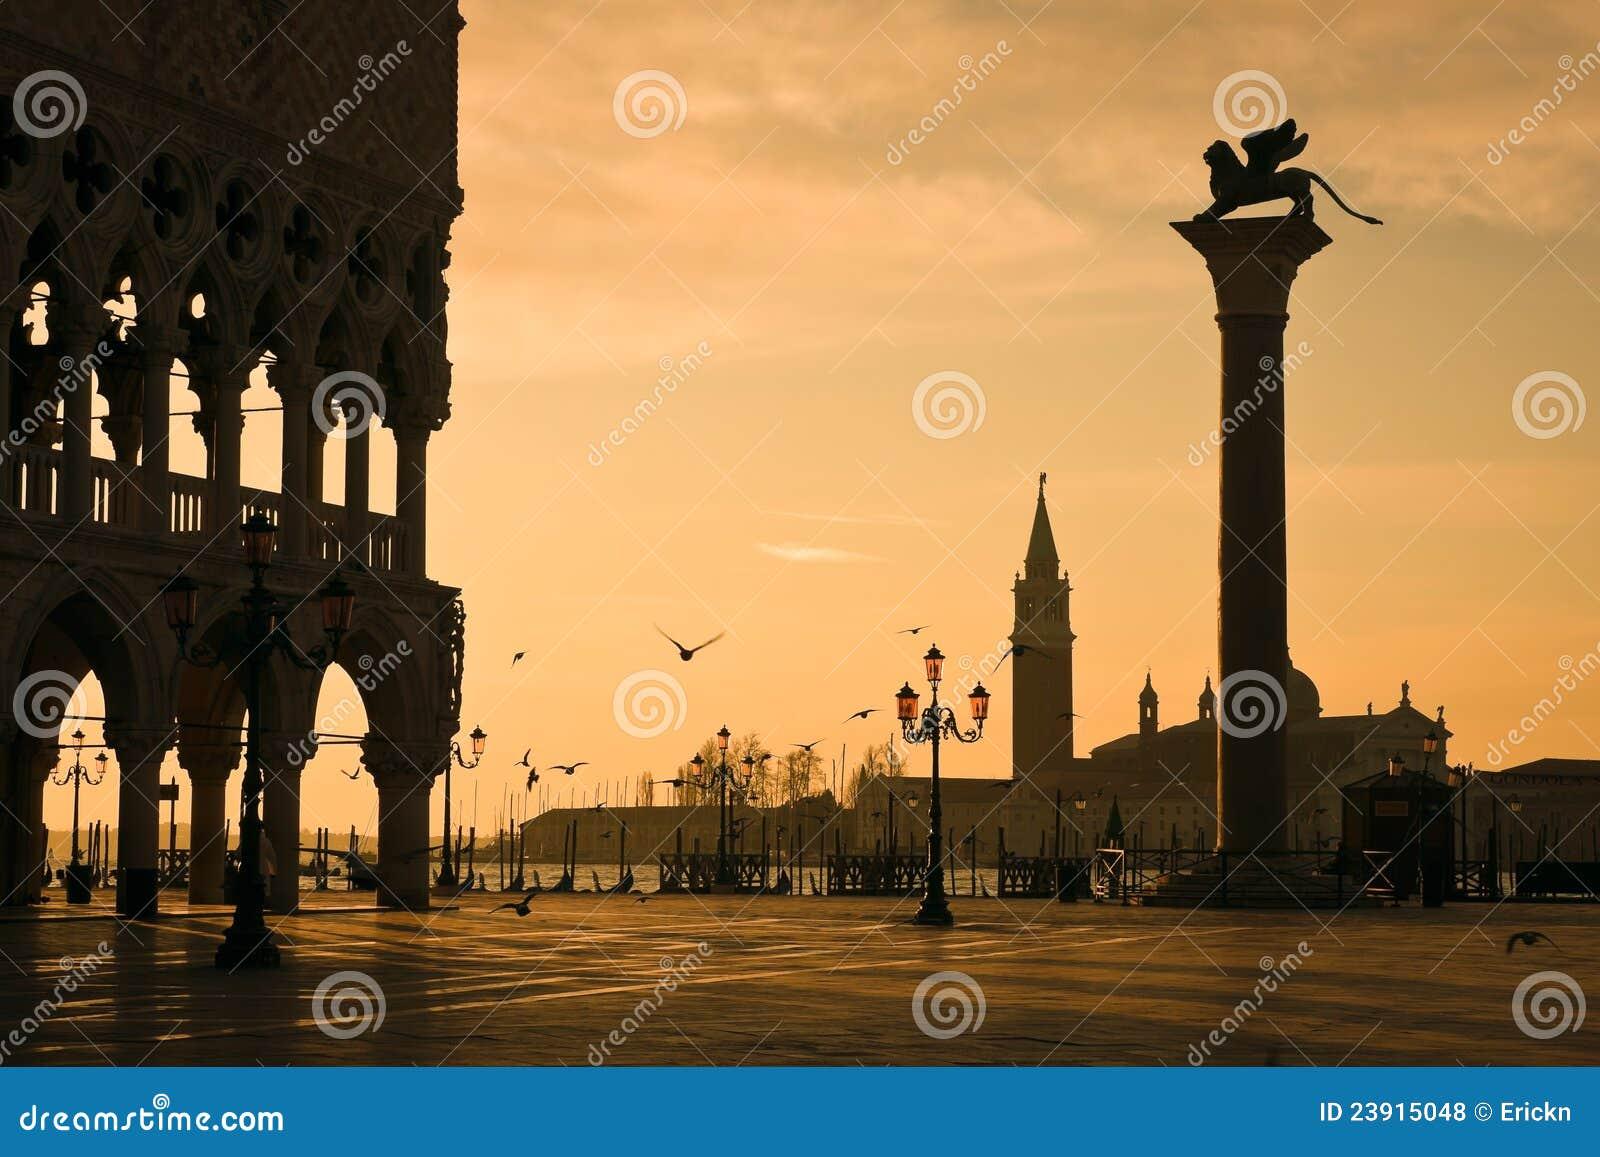 Het Paleis van doges bij dageraad in Venetië